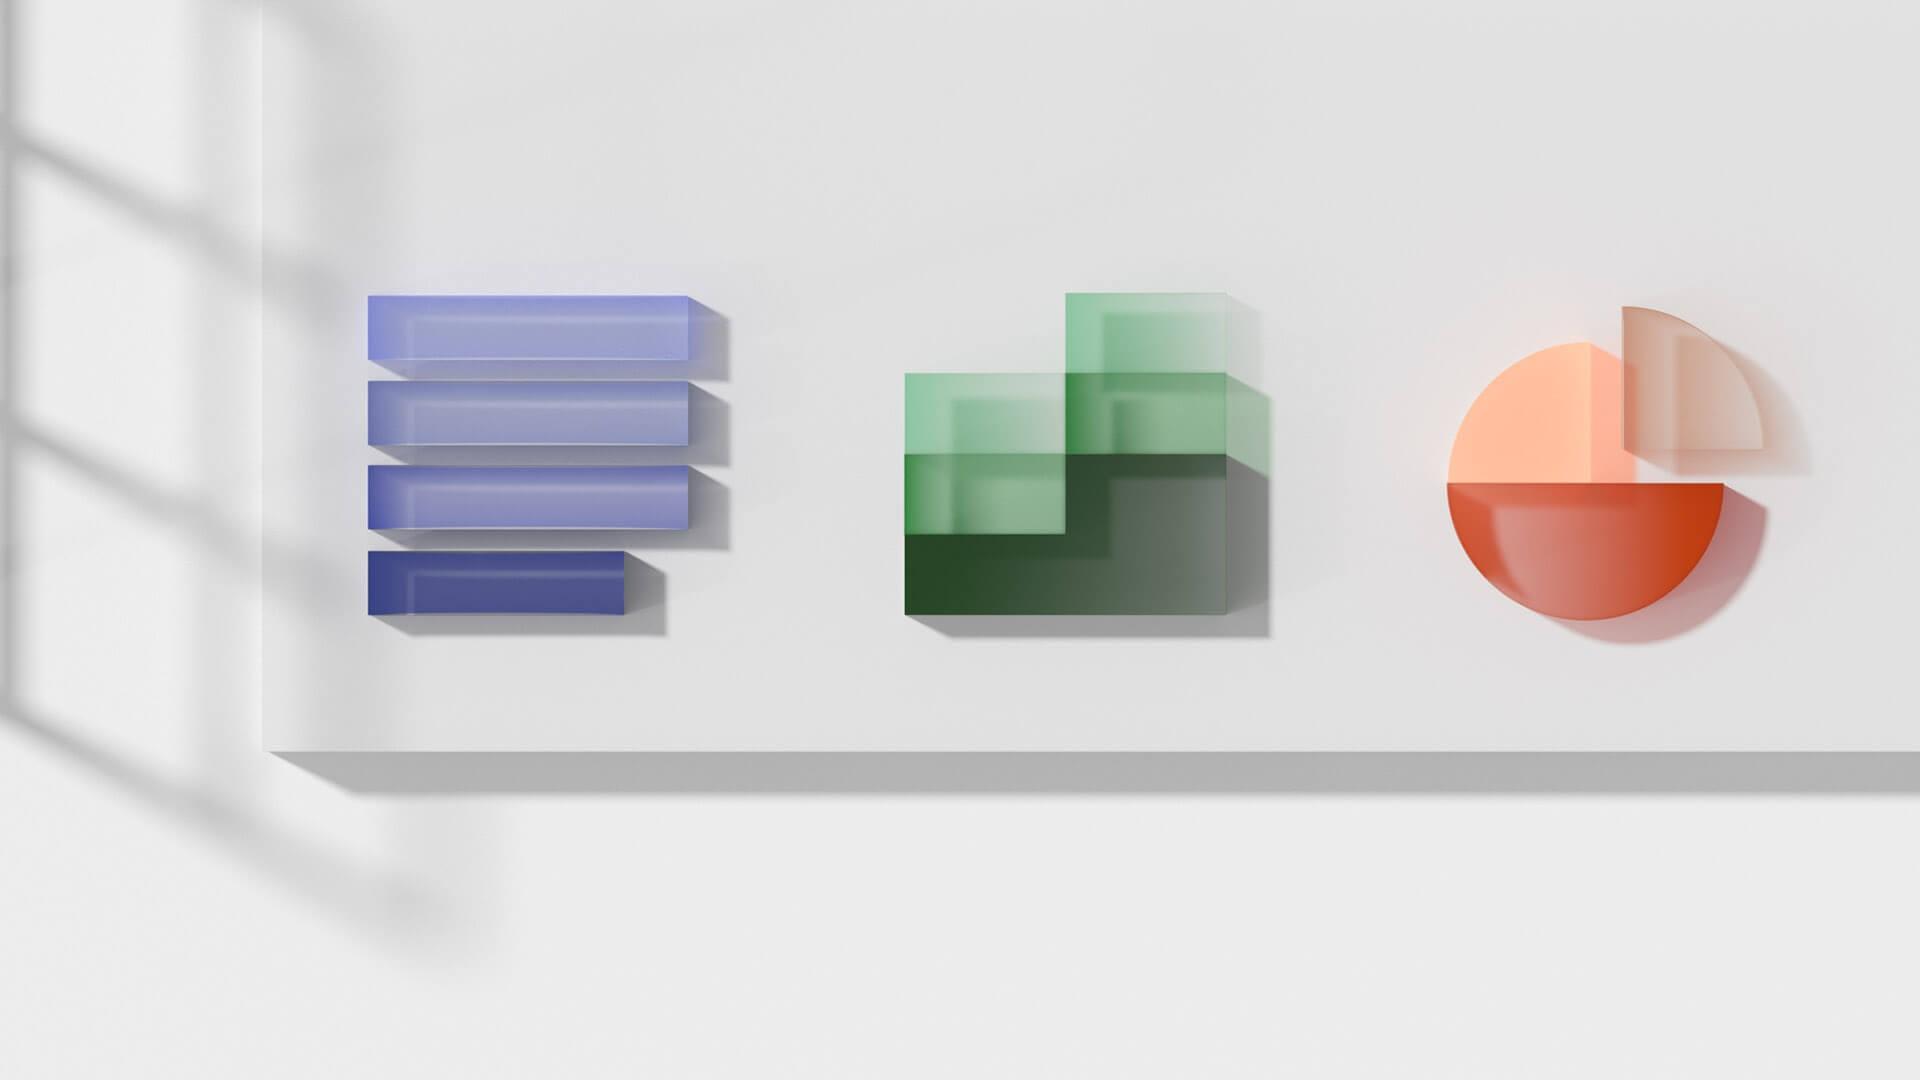 Microsoft Office nuove icone stilizzate